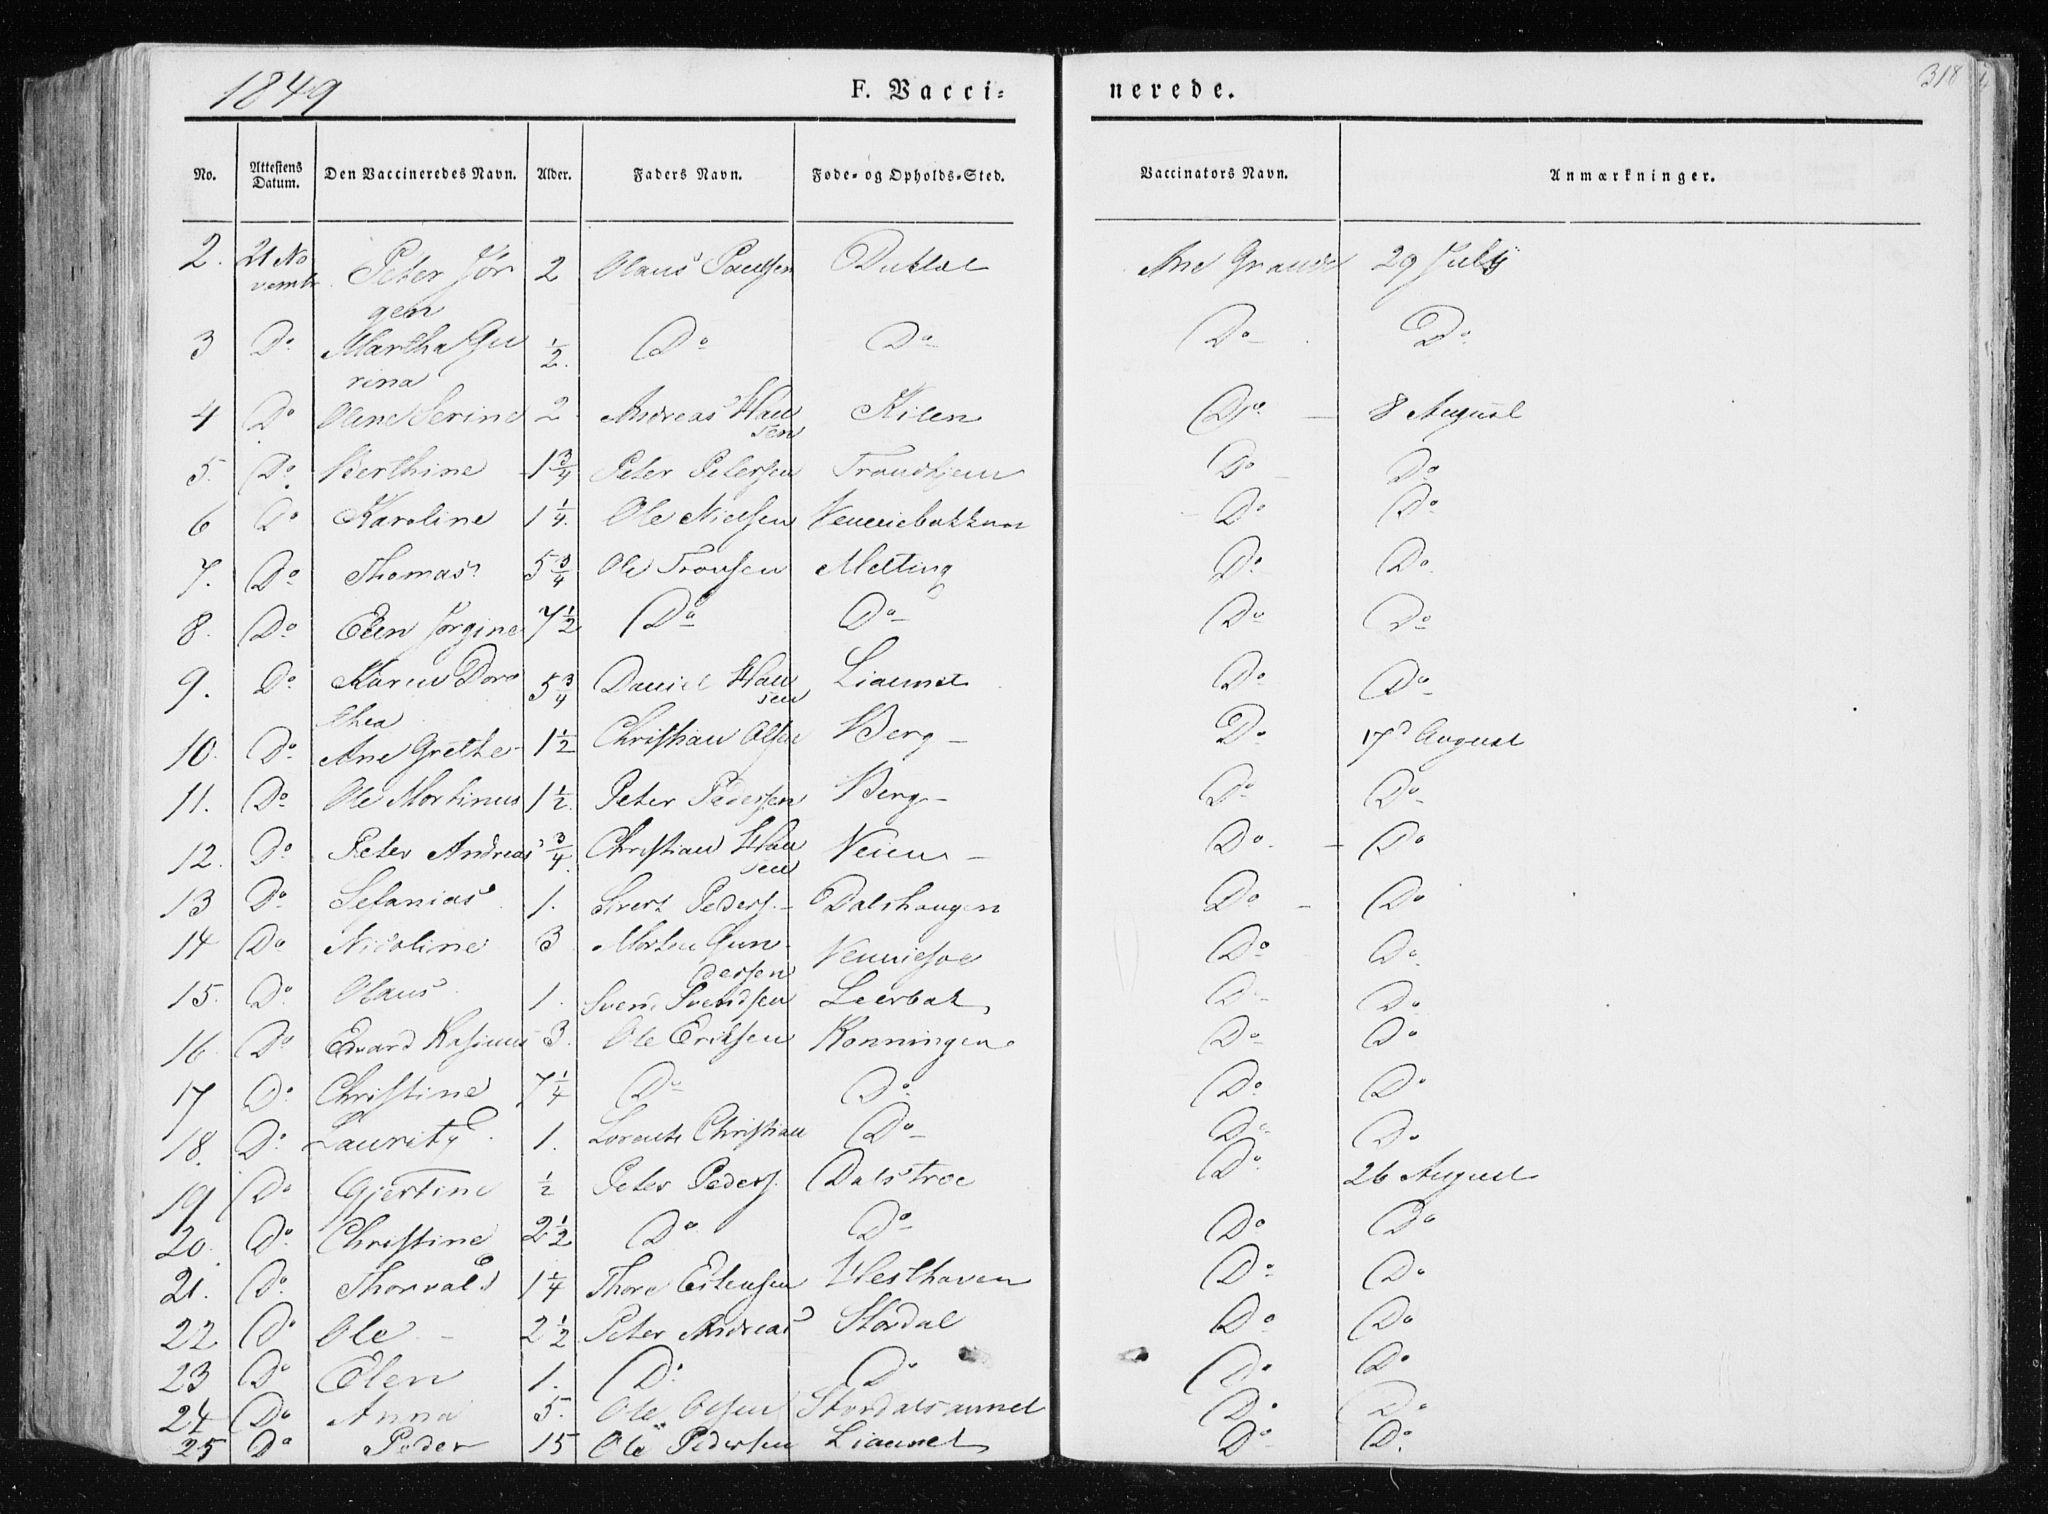 SAT, Ministerialprotokoller, klokkerbøker og fødselsregistre - Nord-Trøndelag, 733/L0323: Ministerialbok nr. 733A02, 1843-1870, s. 318